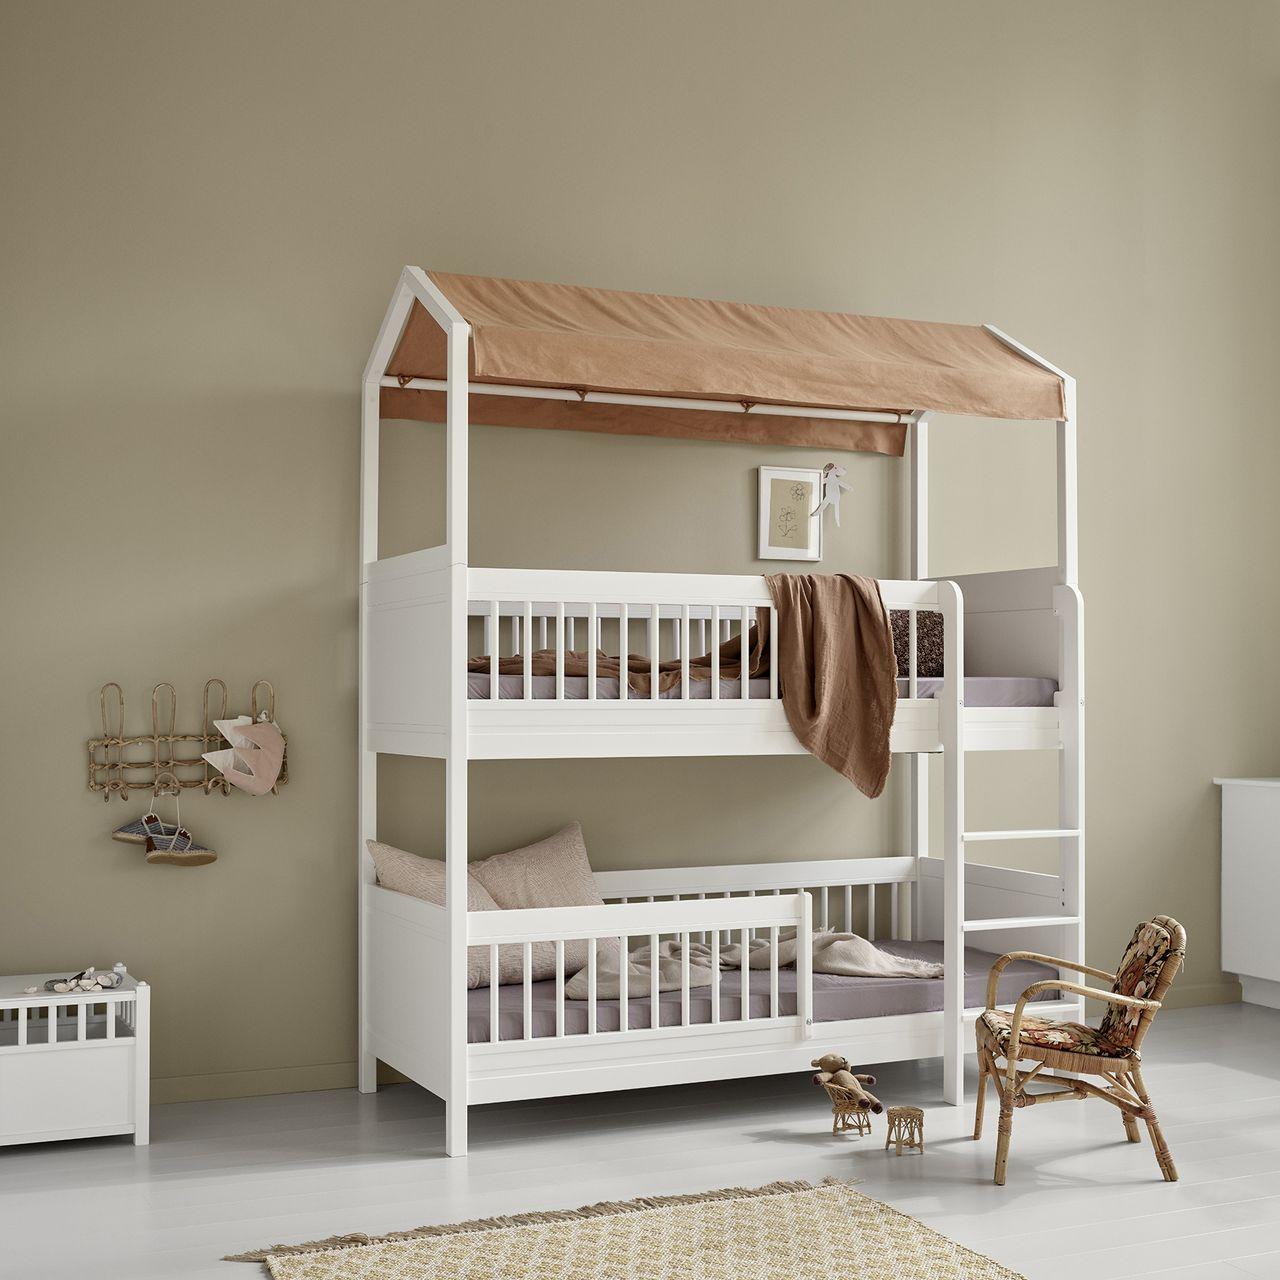 Seaside Lille+ Stockbett halbhoch von Oliver Furniture in Berlin kaufen - Kleine Fabriek